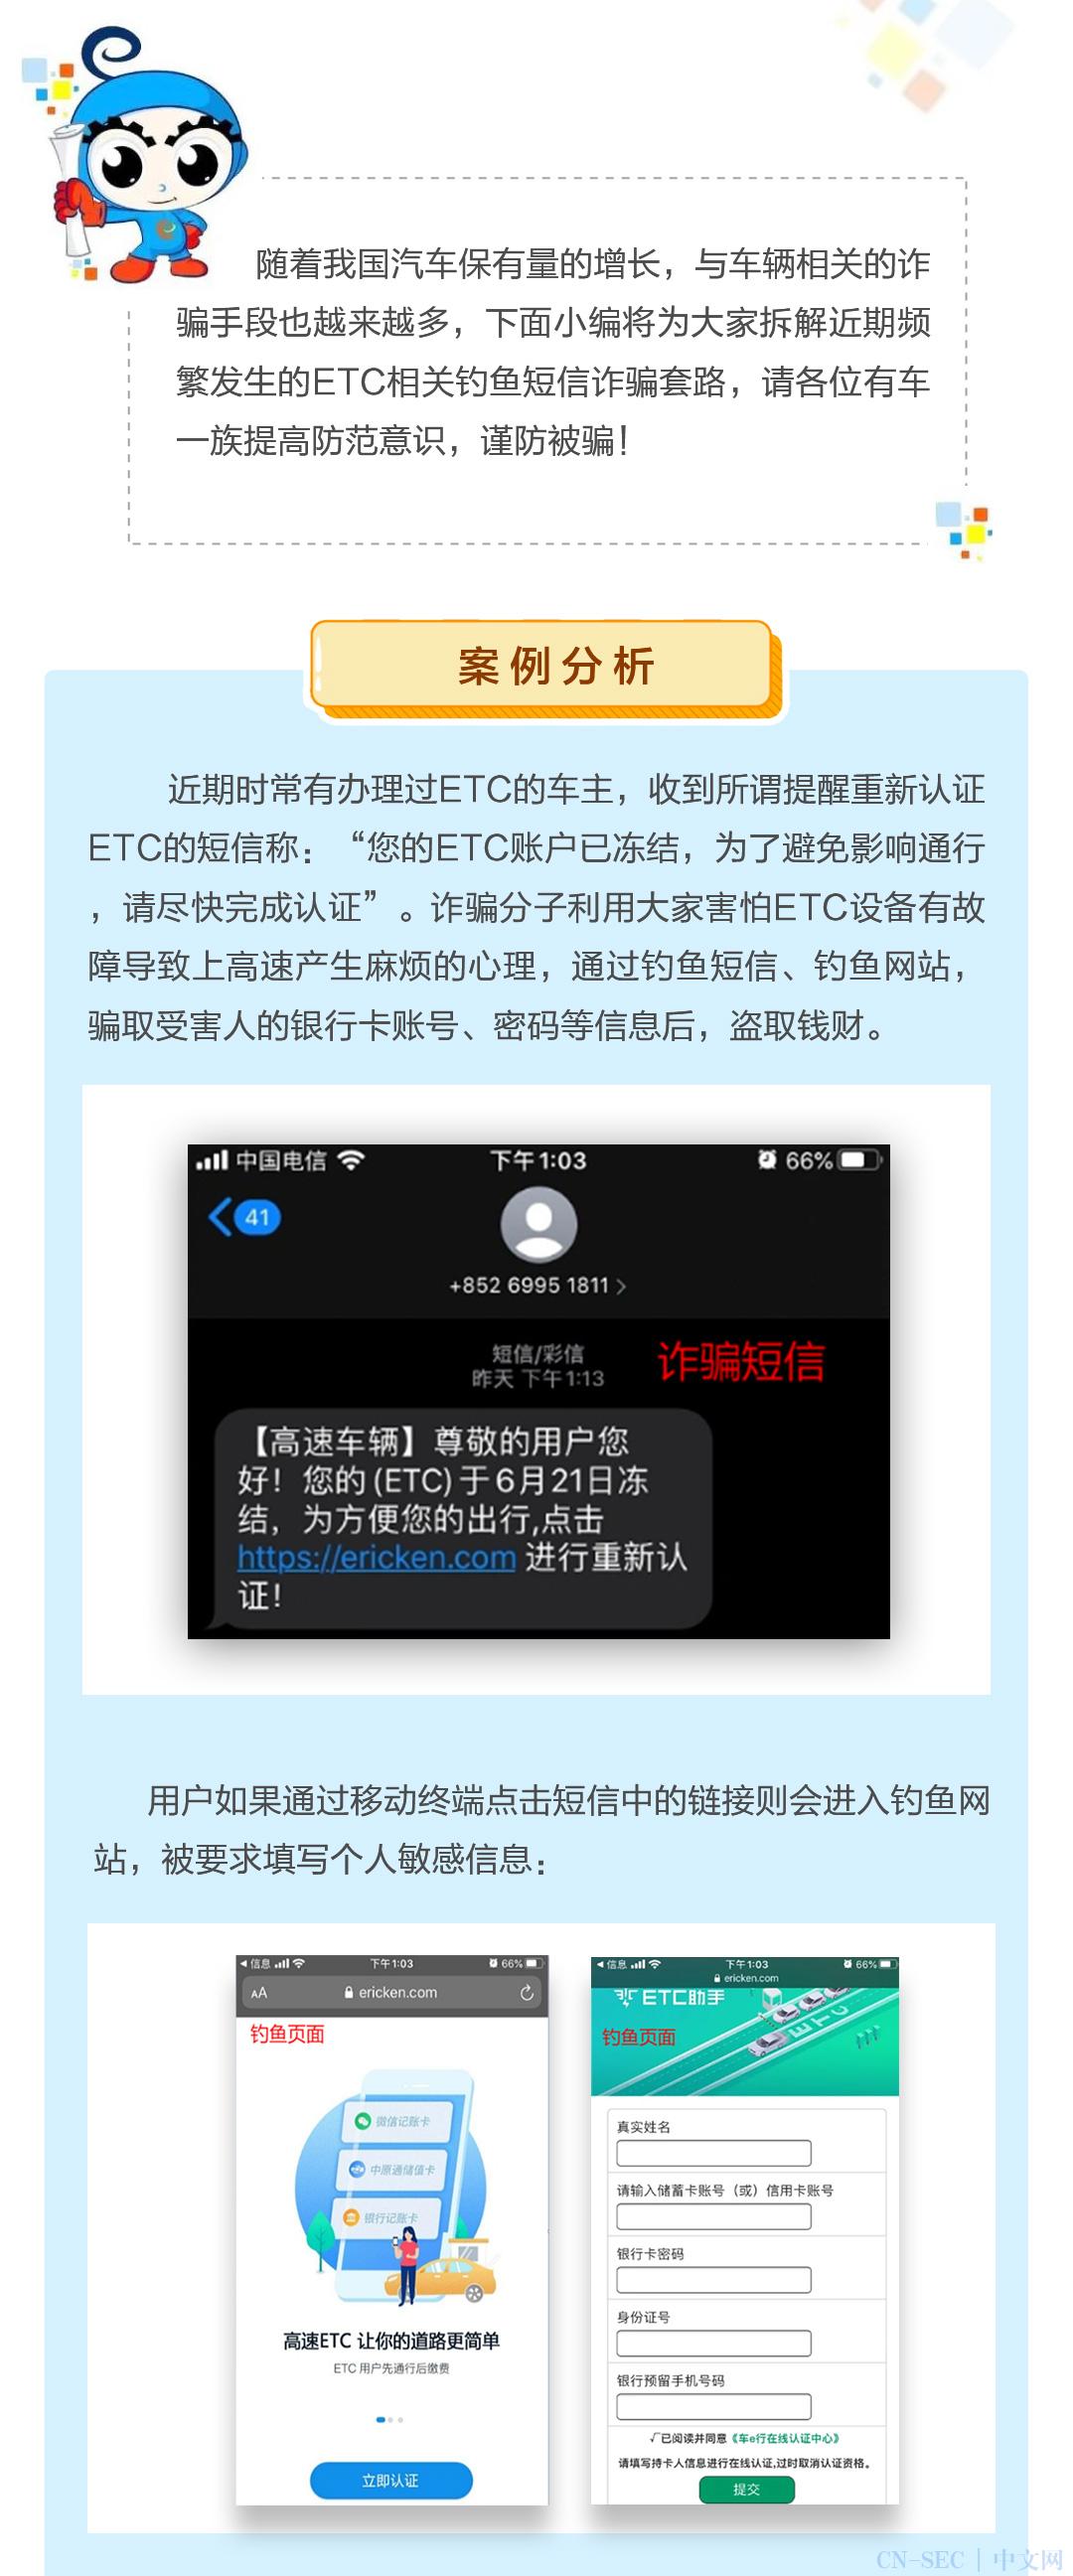 提醒 | 警惕ETC相关钓鱼短信诈骗